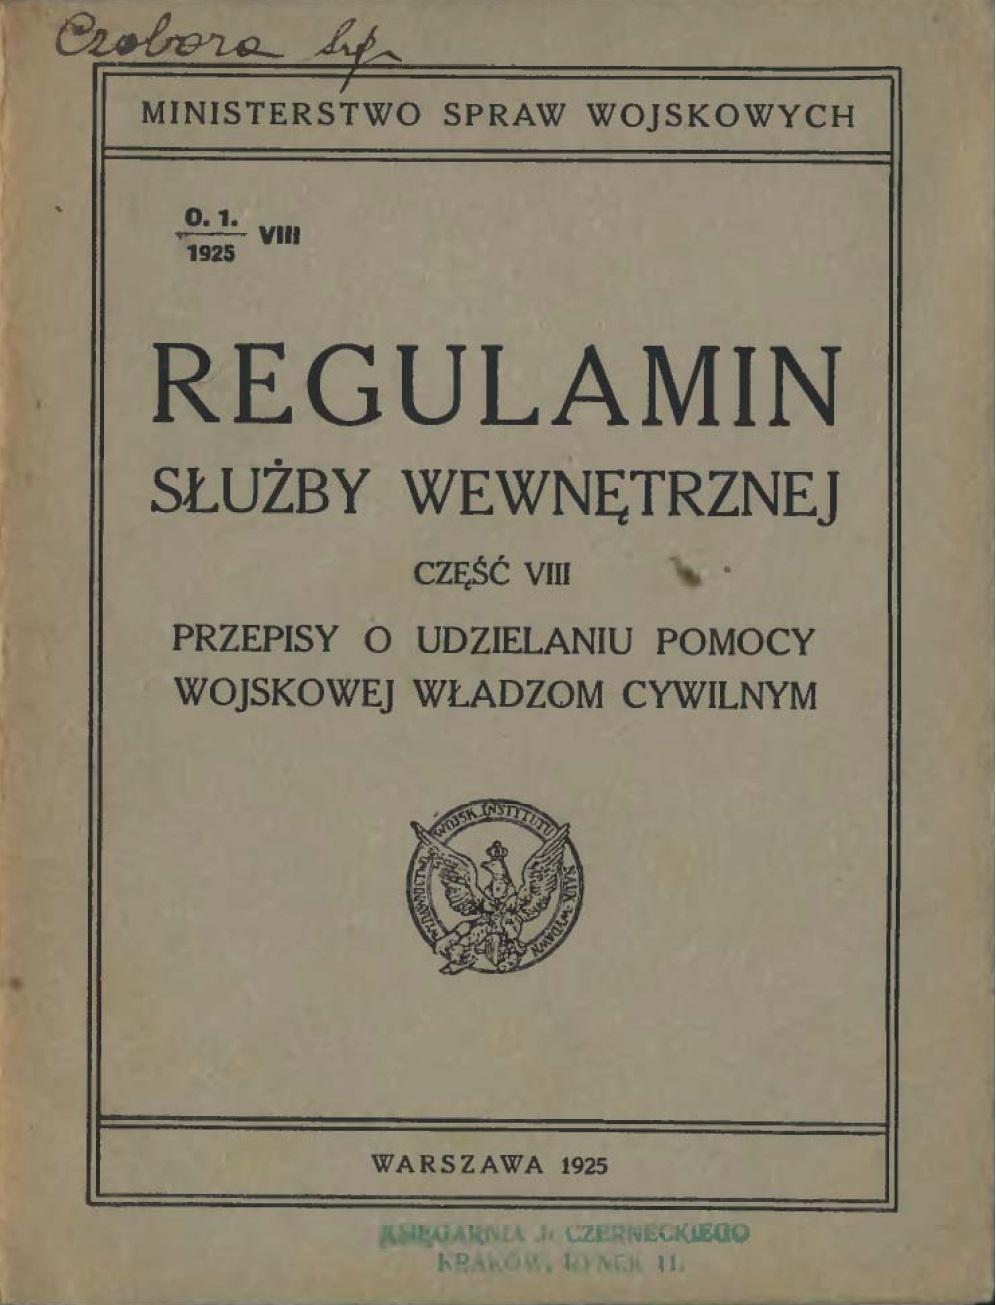 Regulamin służby wewnętrznej. Cz VIII. 1925 r.